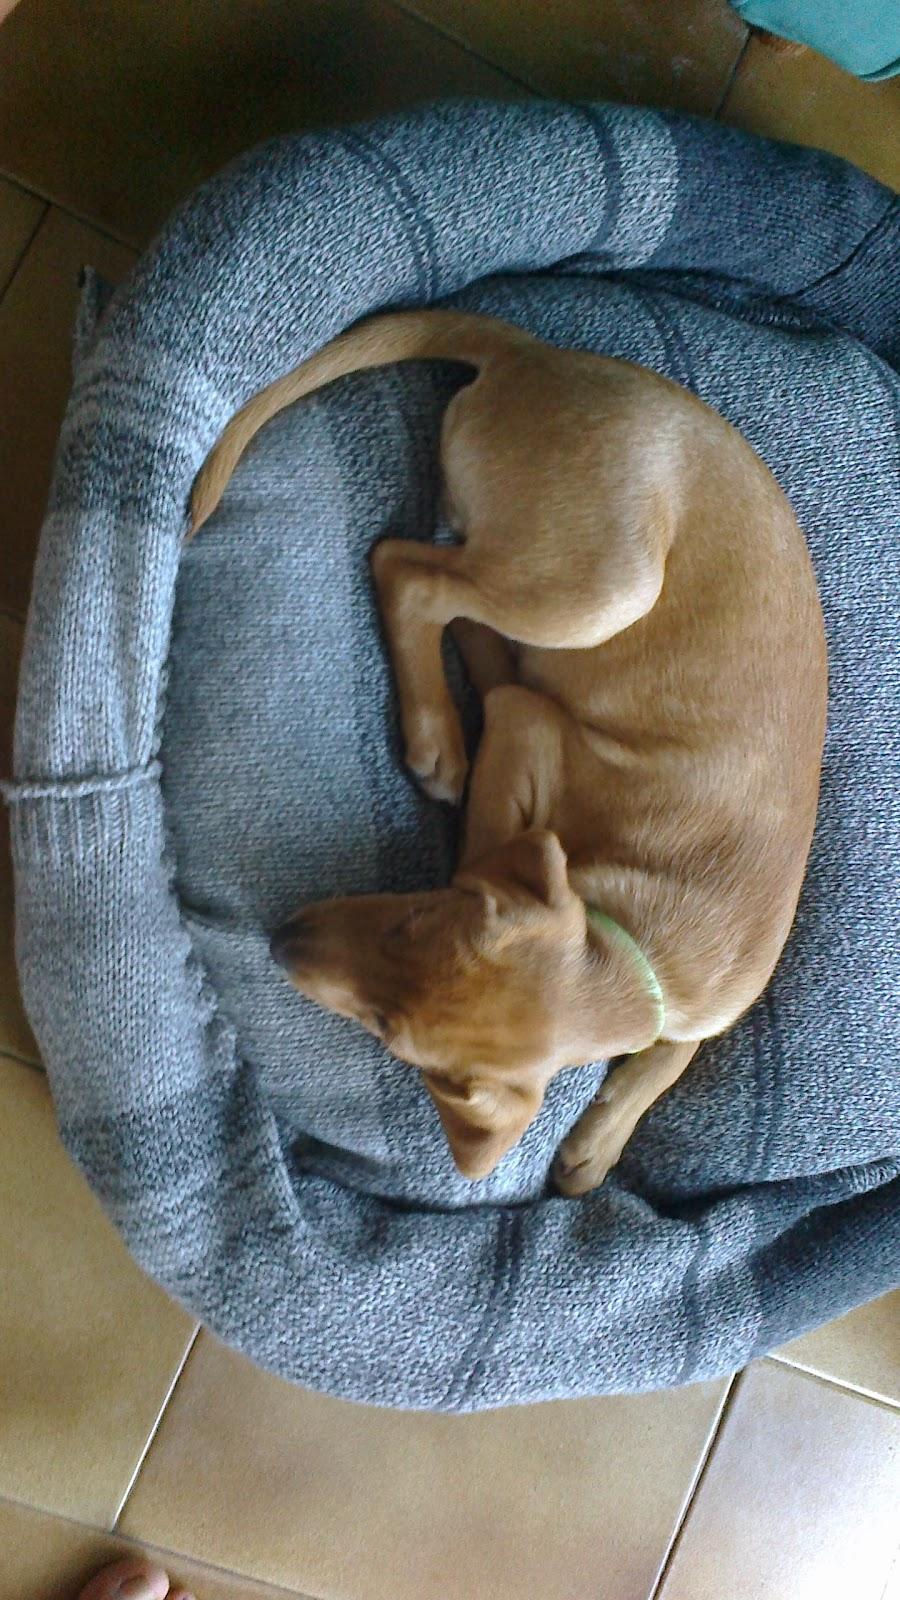 Taller campesino: Riciclare: come ottenere una cuccia per cani